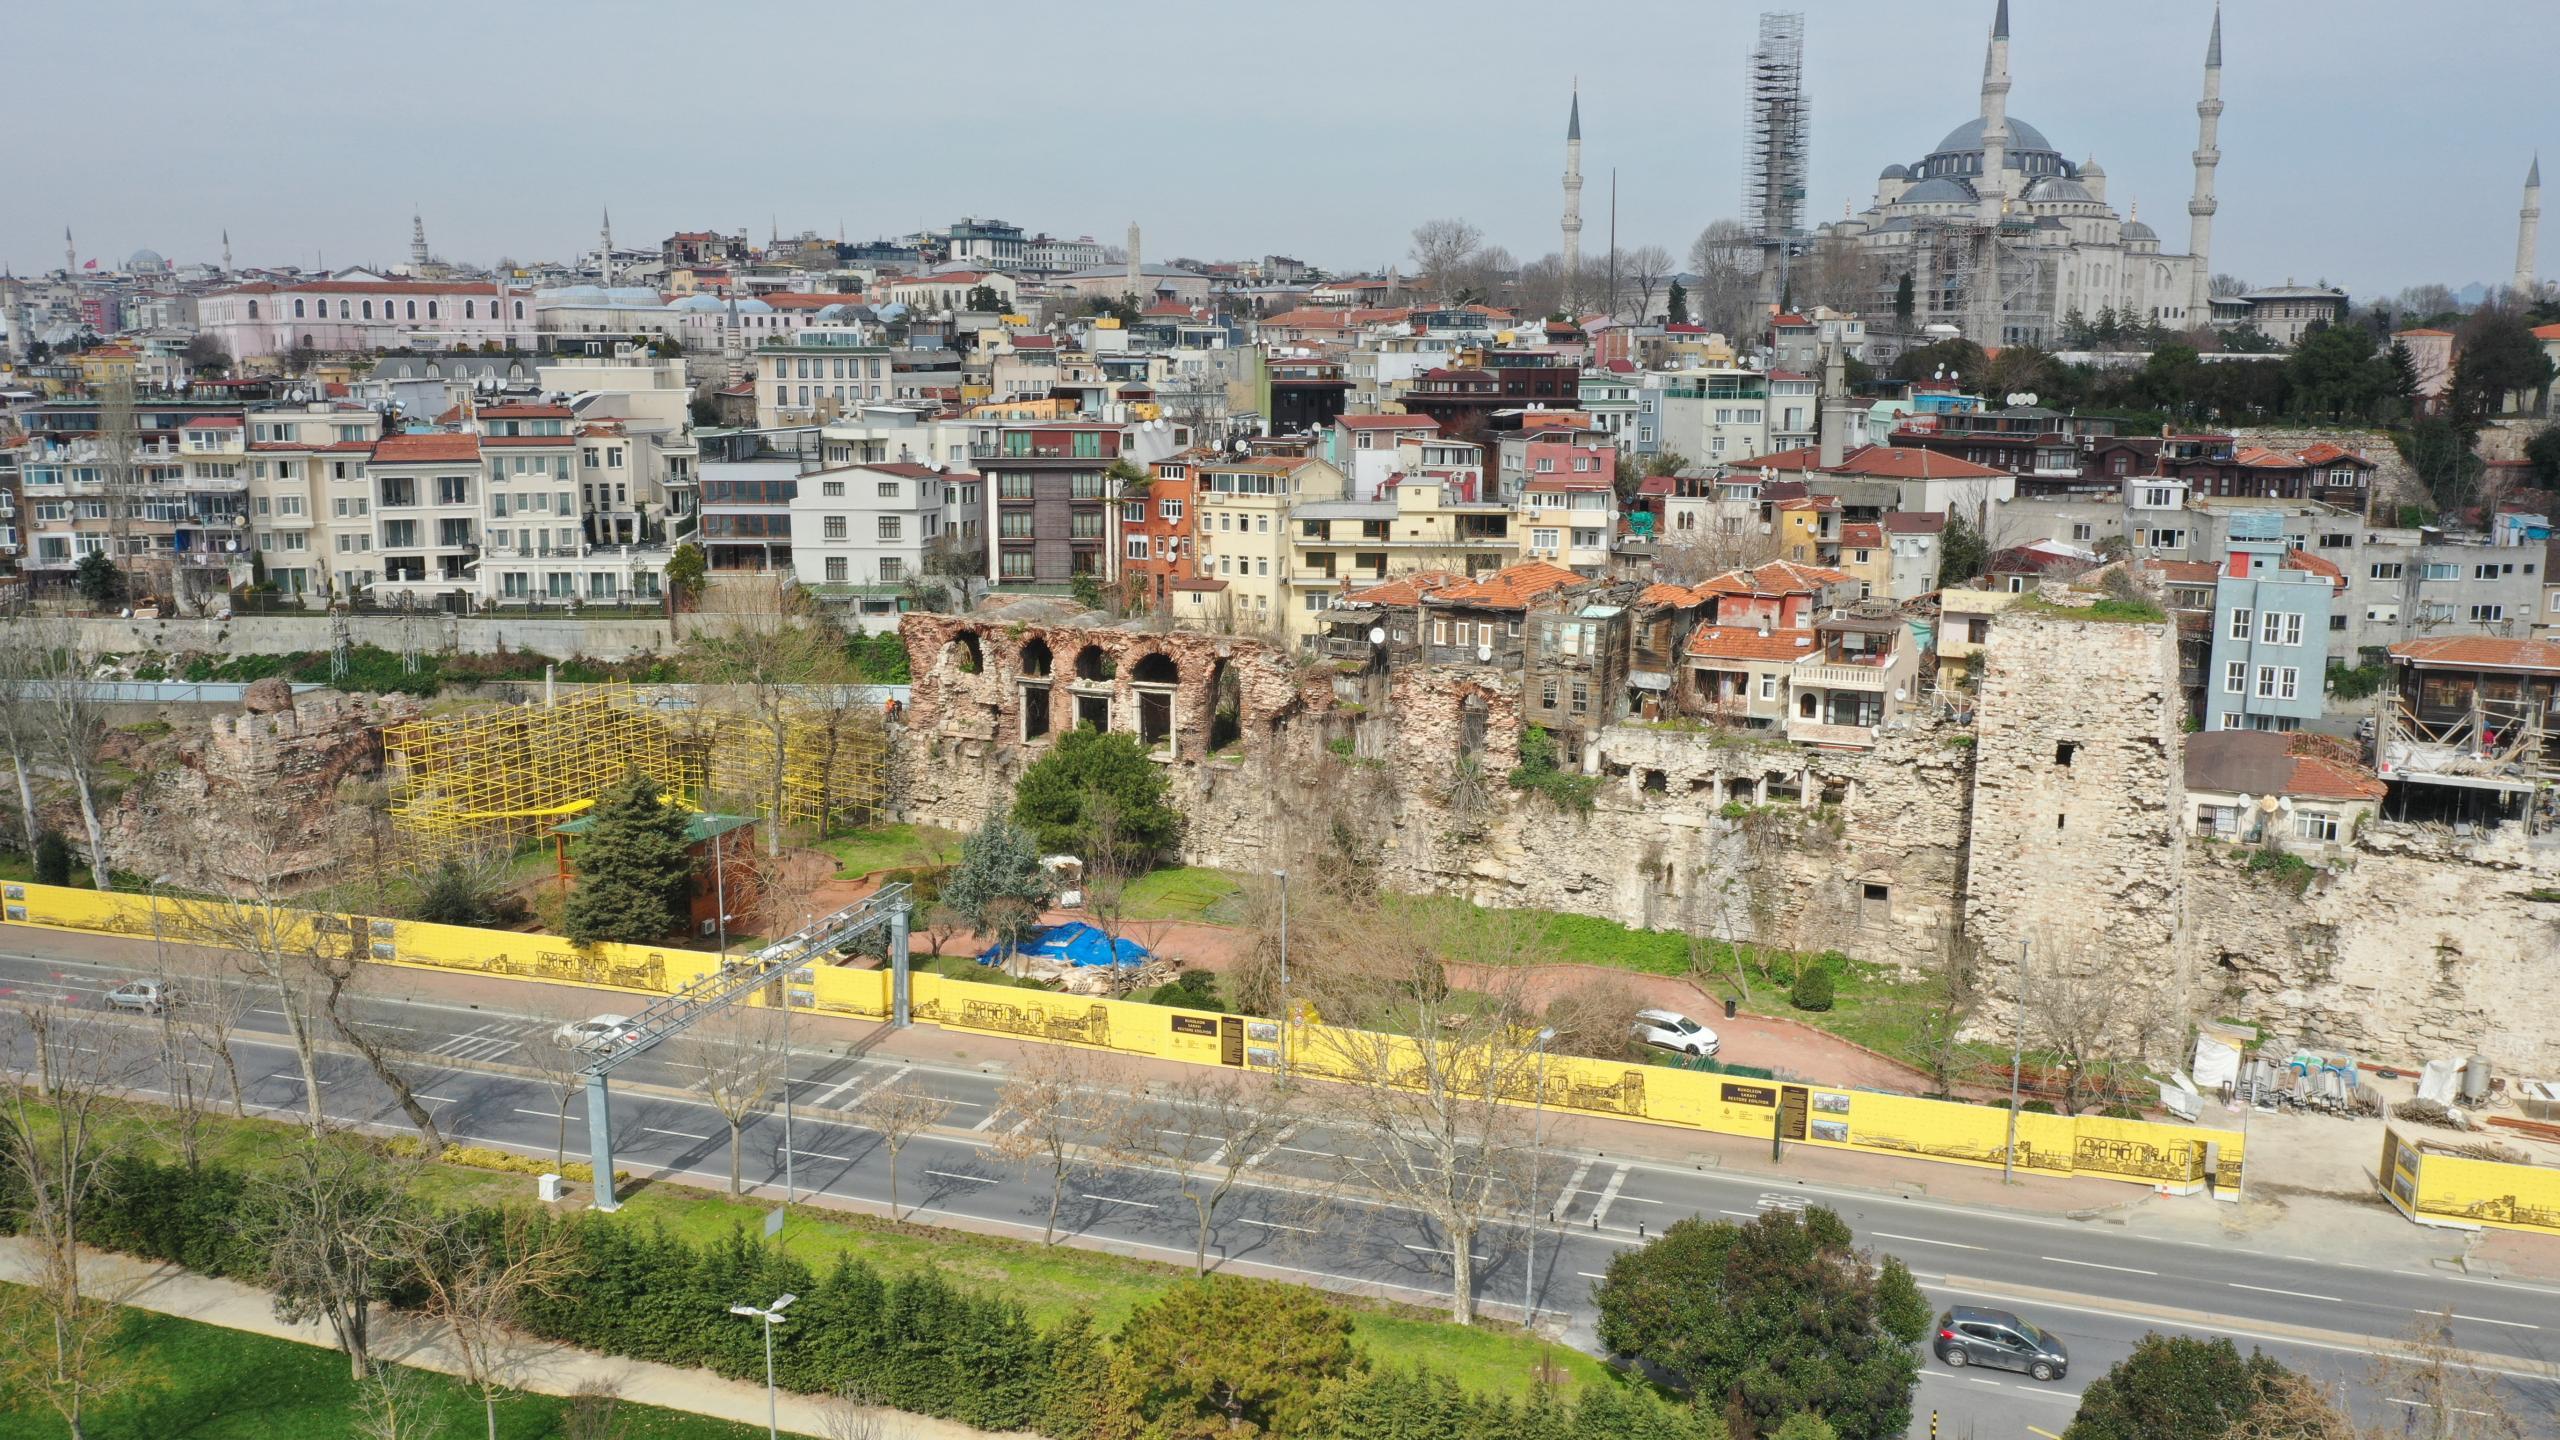 İSTANBUL'UN YENİ AÇIK HAVA MÜZESİ